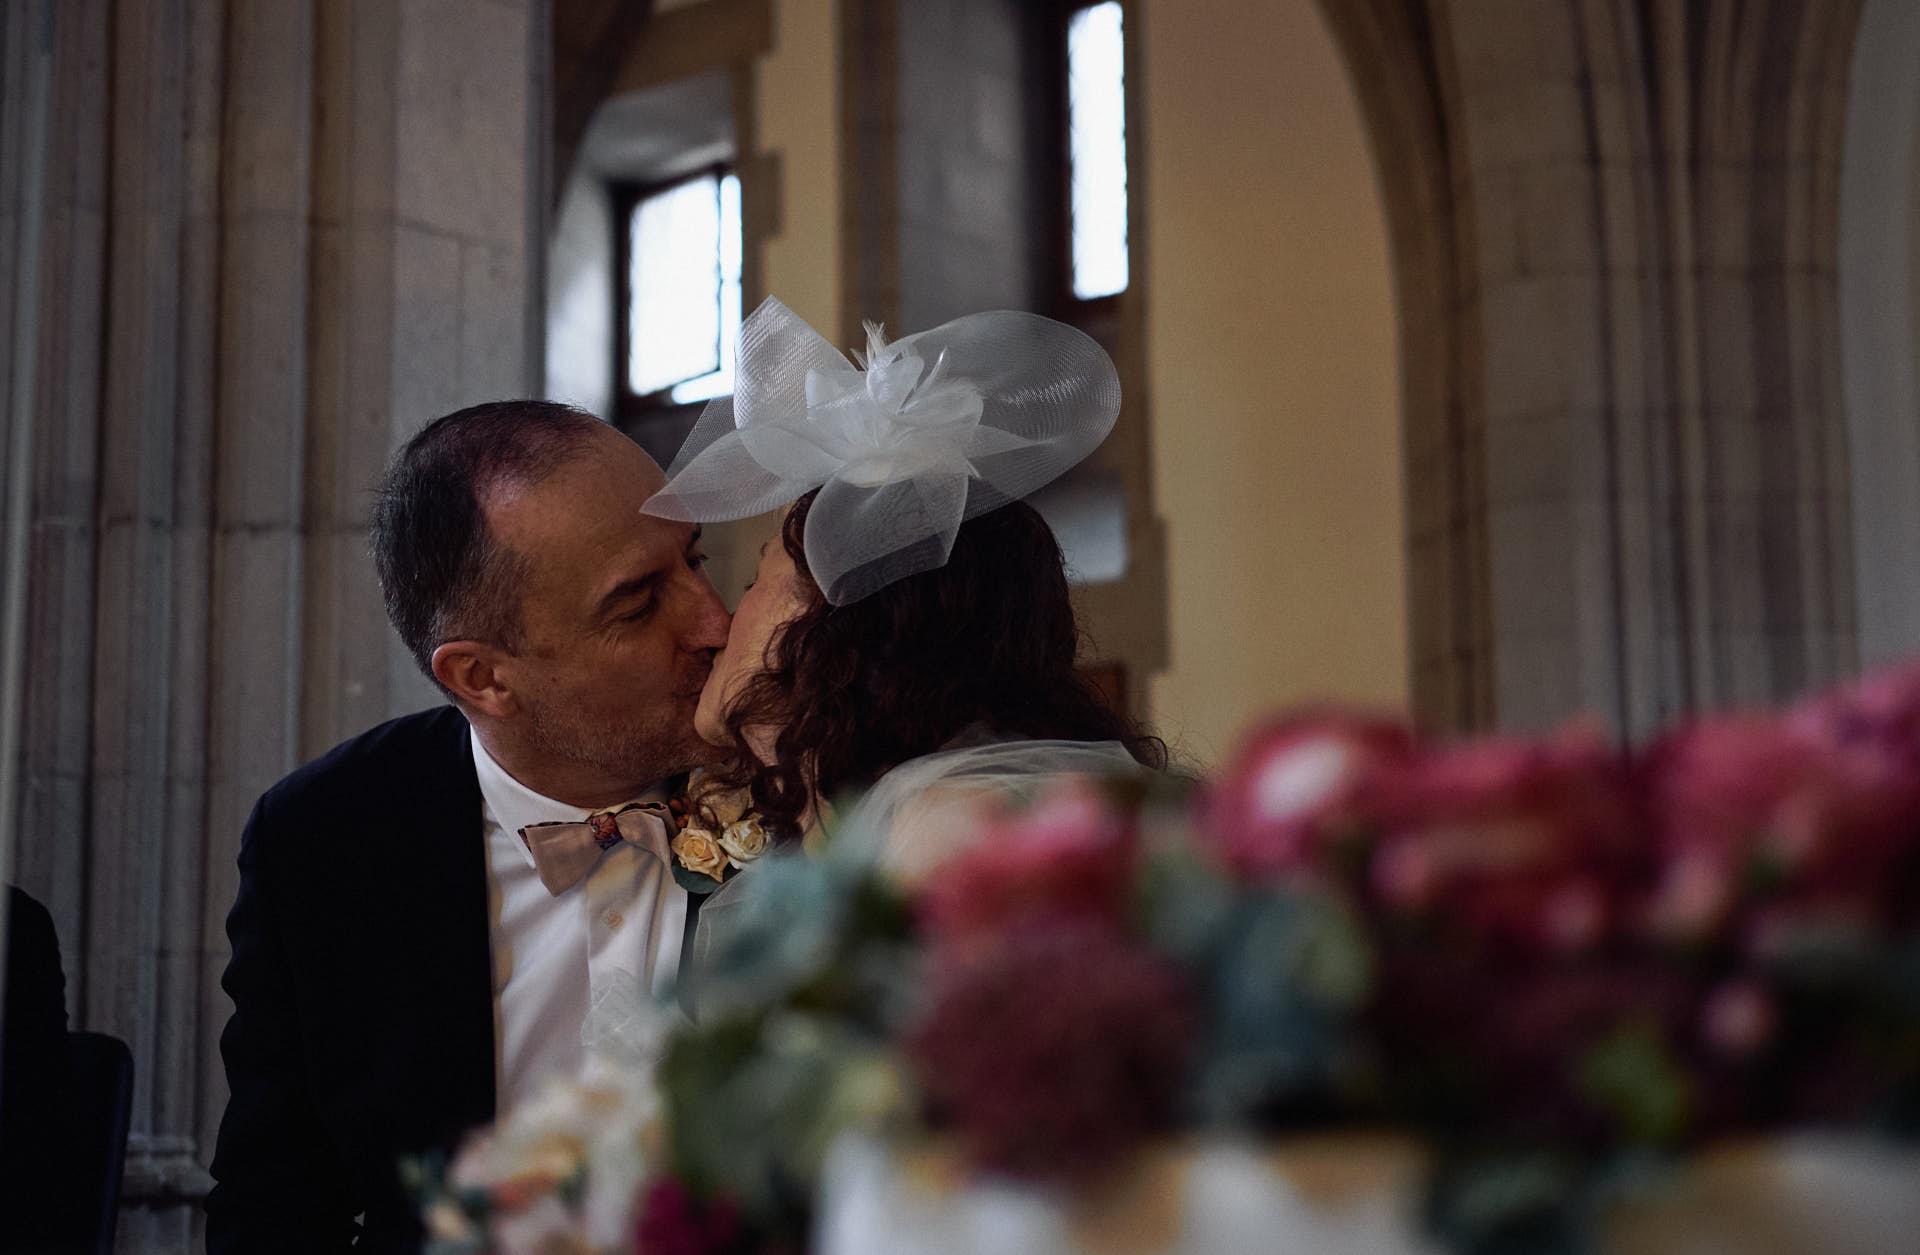 Hochzeitspaar küsst sich nach der Trauung im Kölner Standesamt